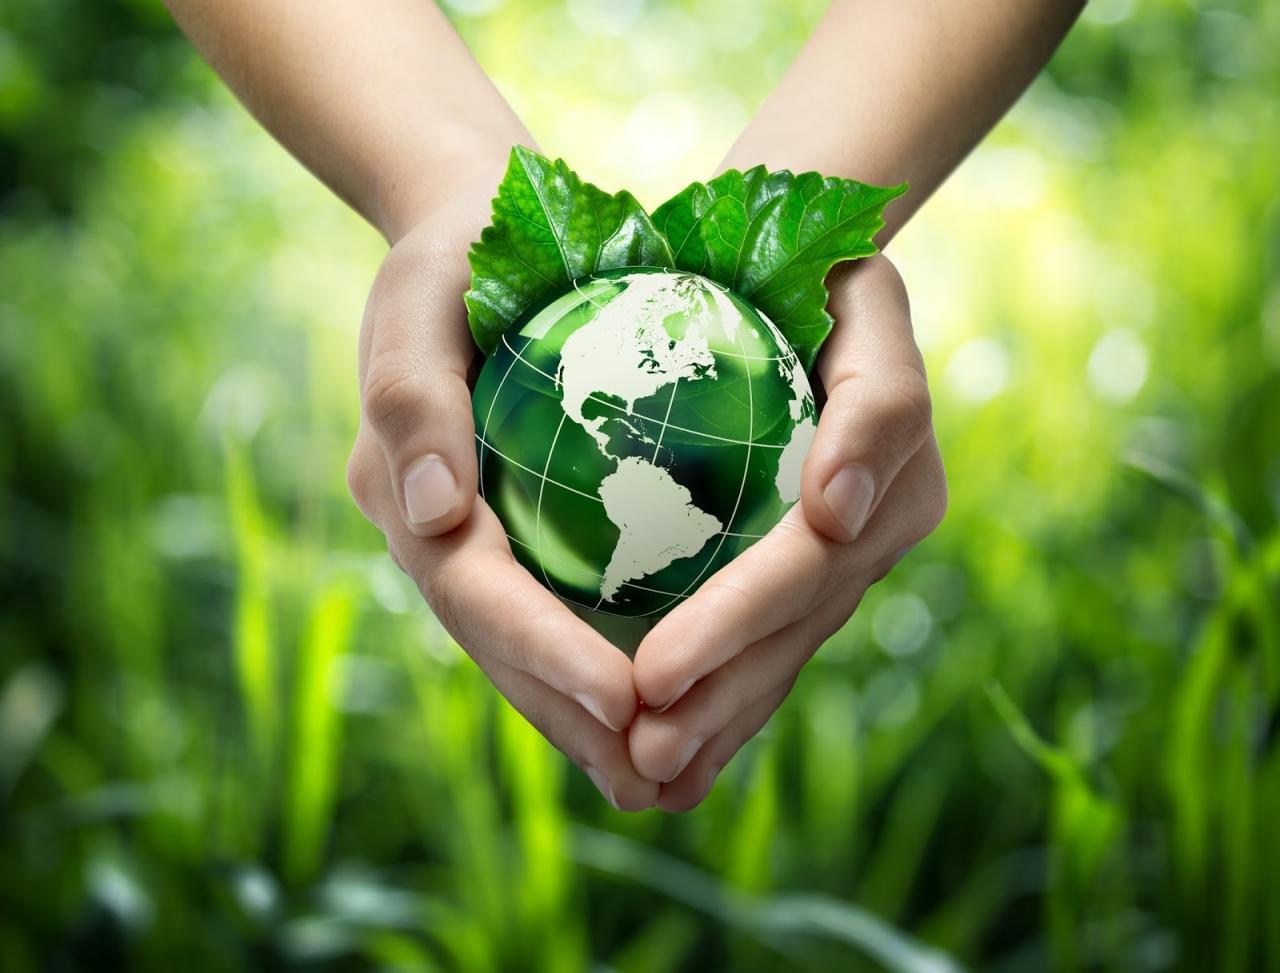 صورة صور عن البيئة , تعرف علي ملامح البيئة 10389 4